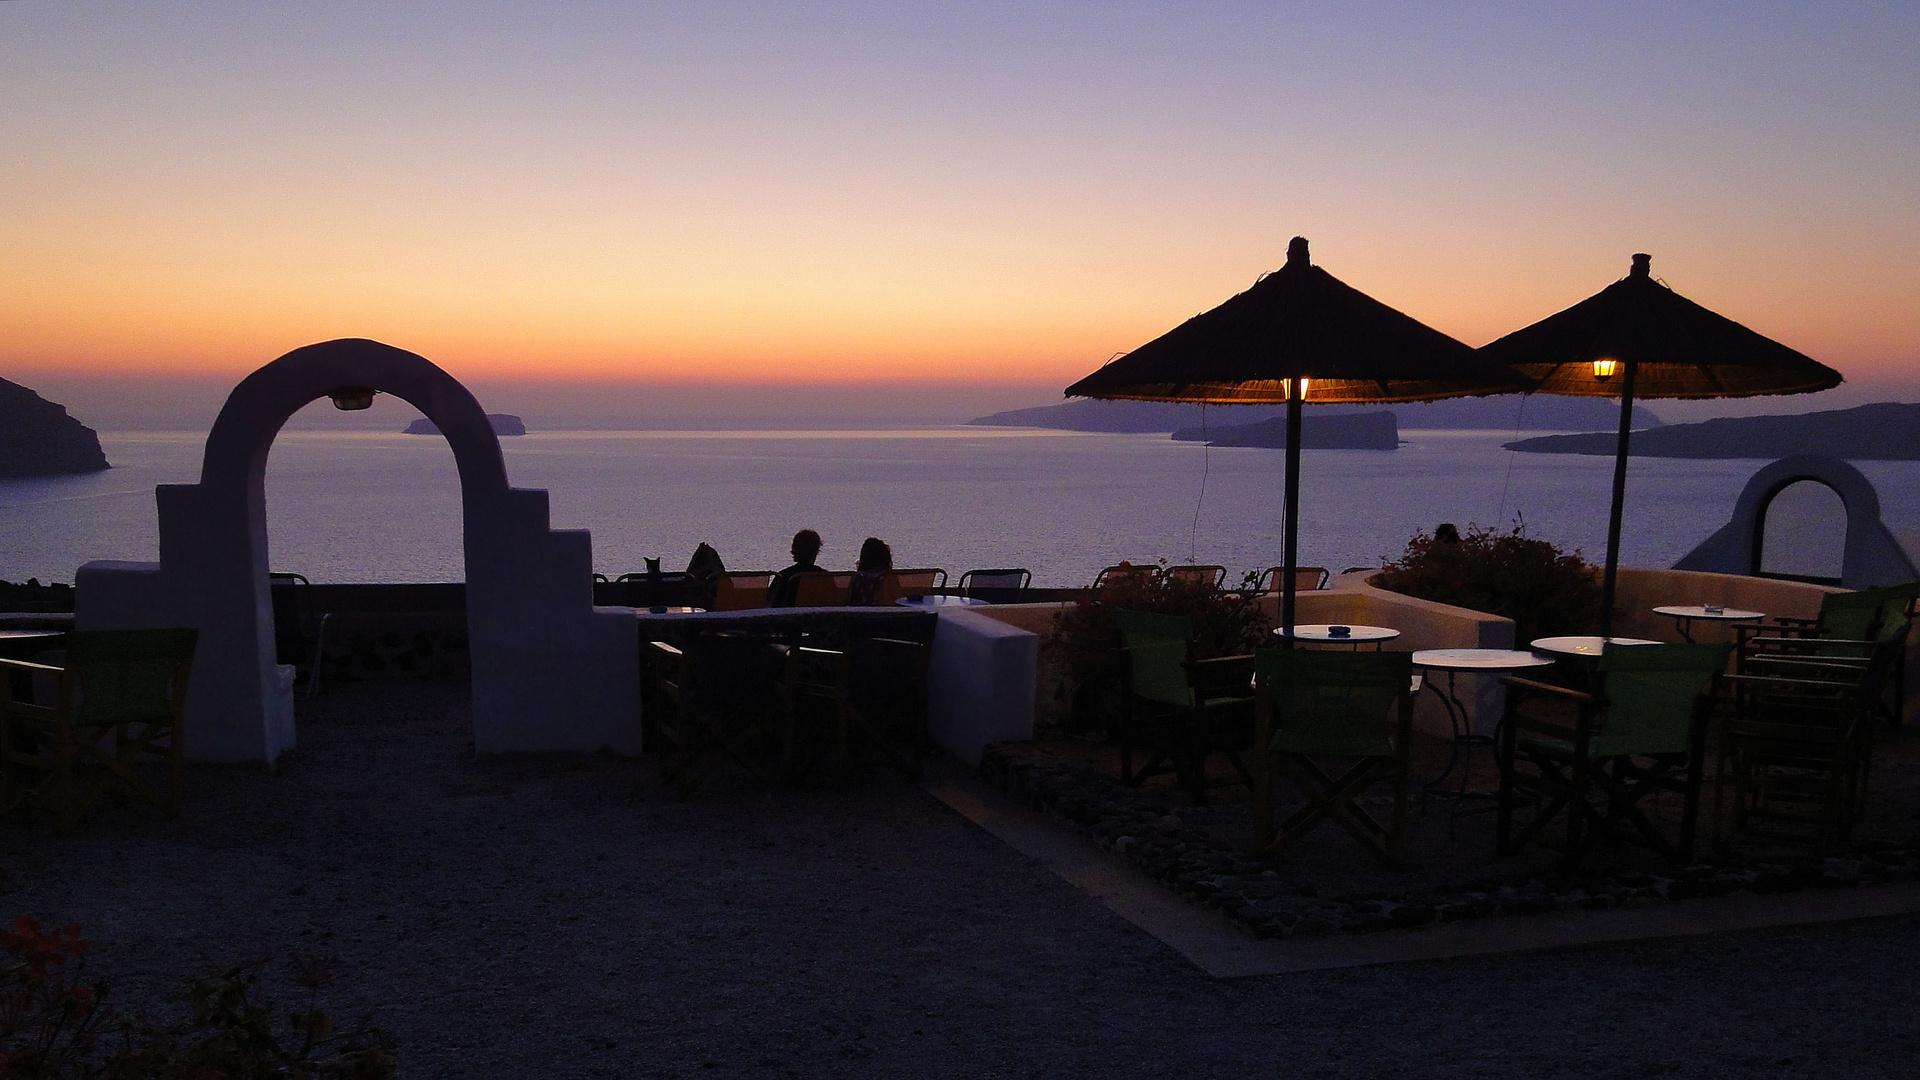 Erinnerung an schöne Abende auf Santorini